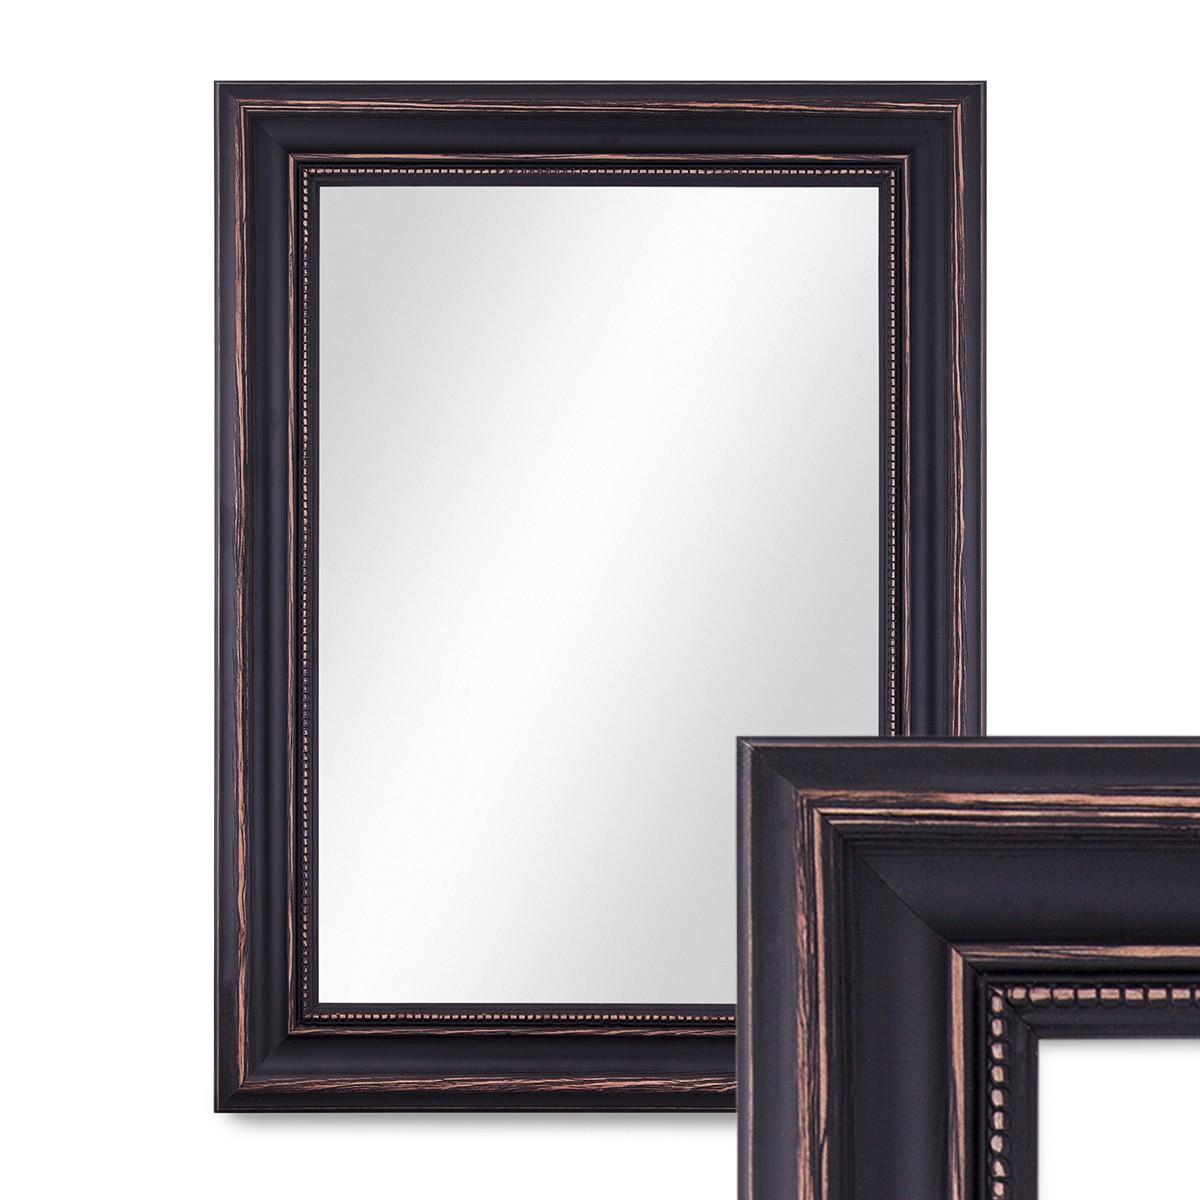 spiegel landhaus barock breit vintage holz gold silber. Black Bedroom Furniture Sets. Home Design Ideas